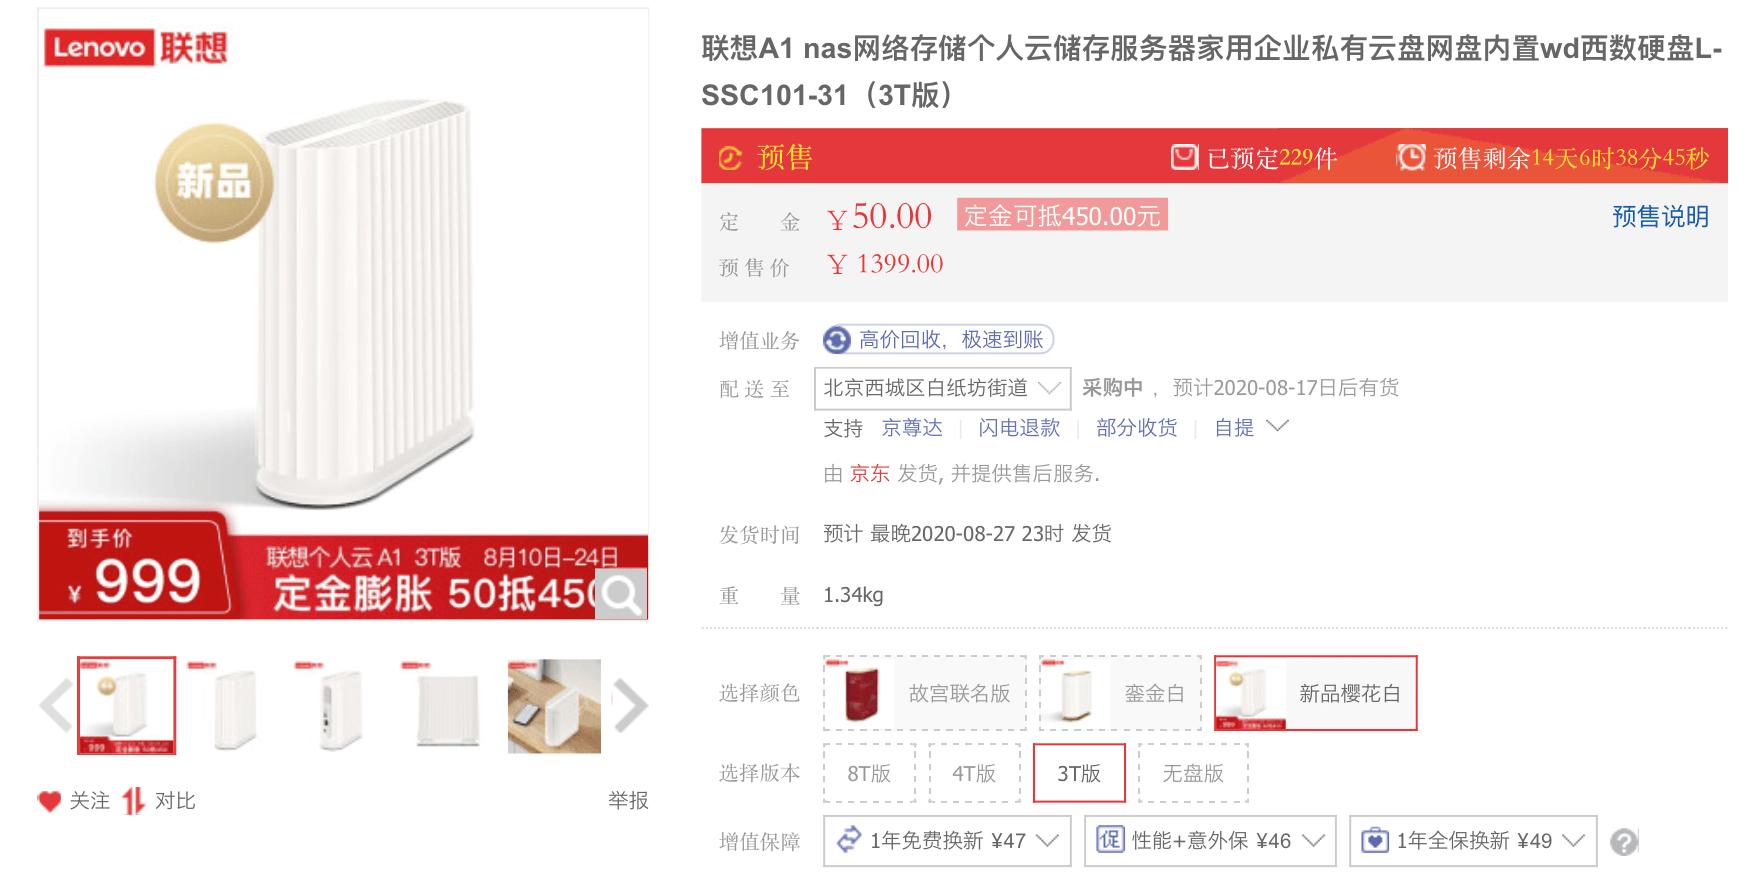 百度网盘不限速版本联想个人云存储A1正式开启预售 超大容量 售价更低!-奇享网